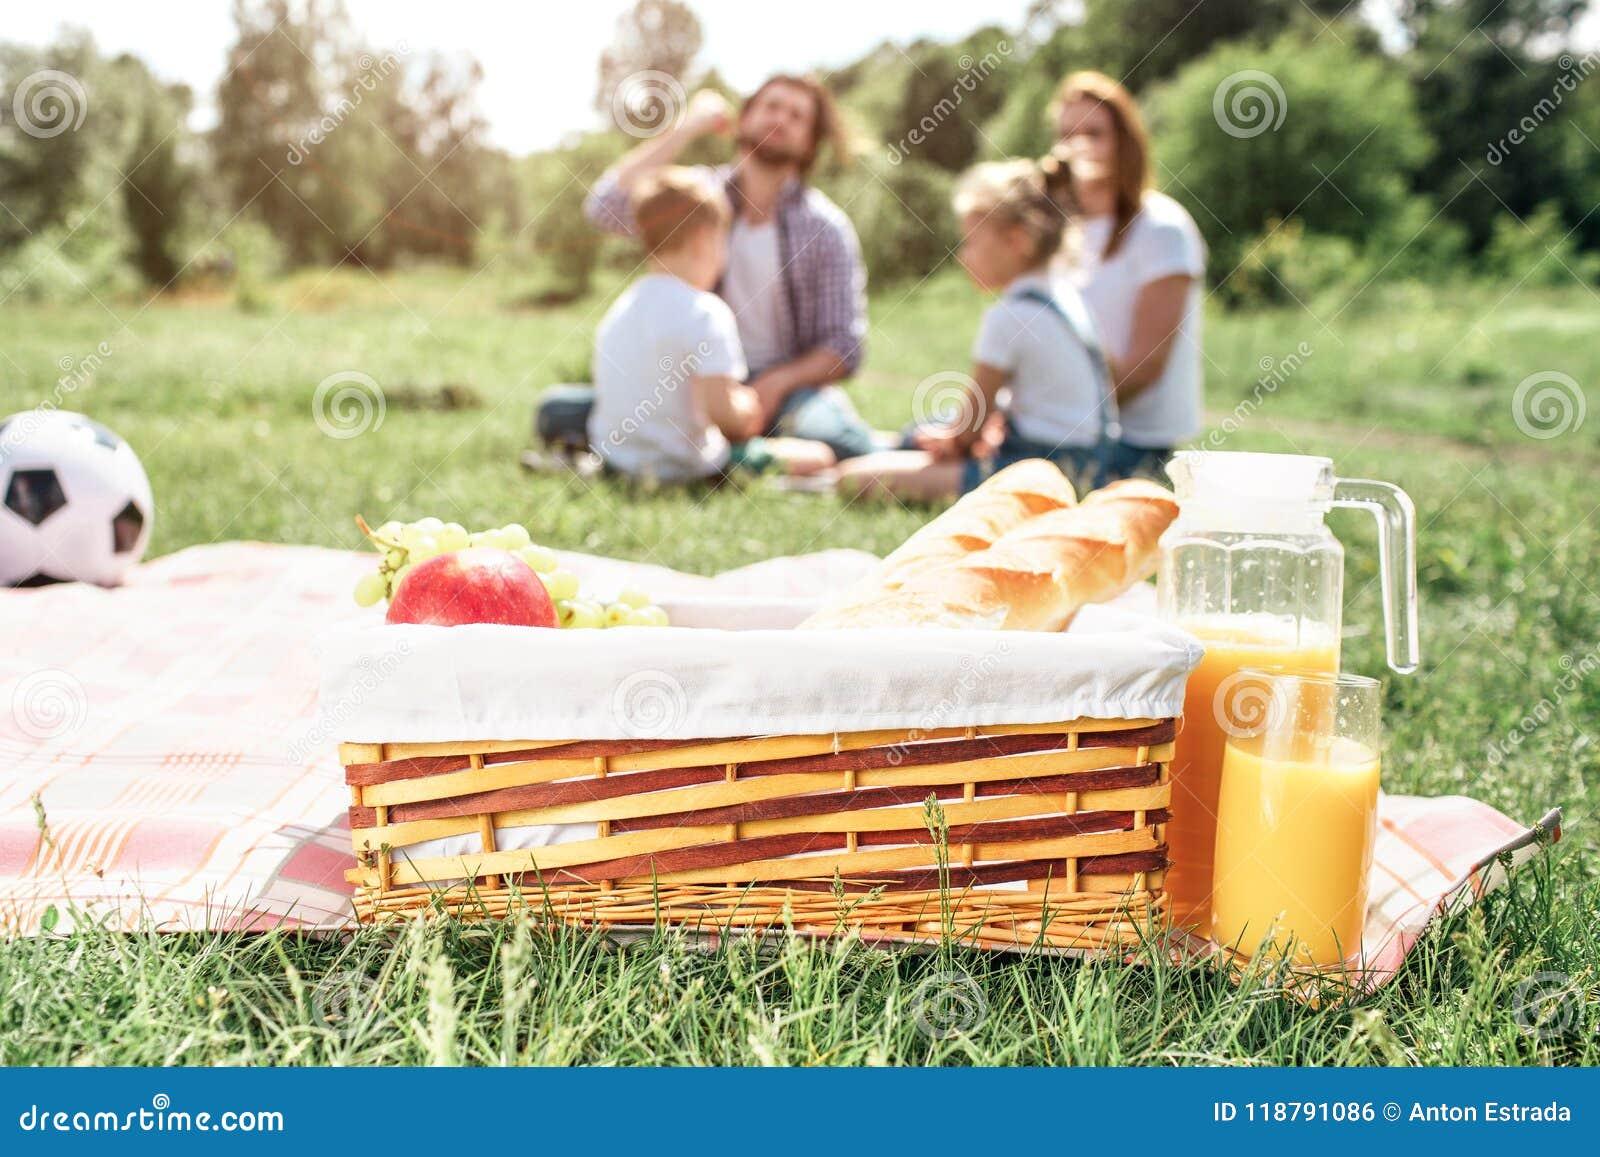 Un immagine del canestro con frutta e pane che stanno sulla coperta su erba C è un grande barattolo di succo d arancia oltre